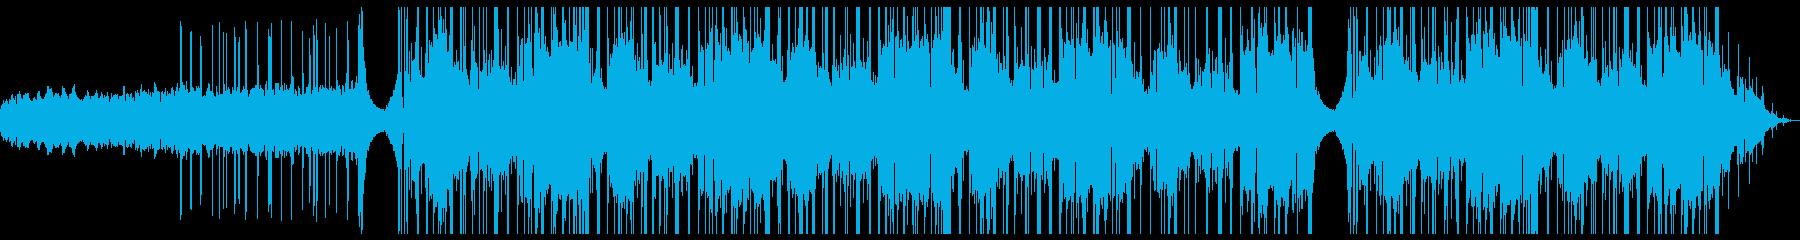 わなわなした雰囲気の調べの再生済みの波形